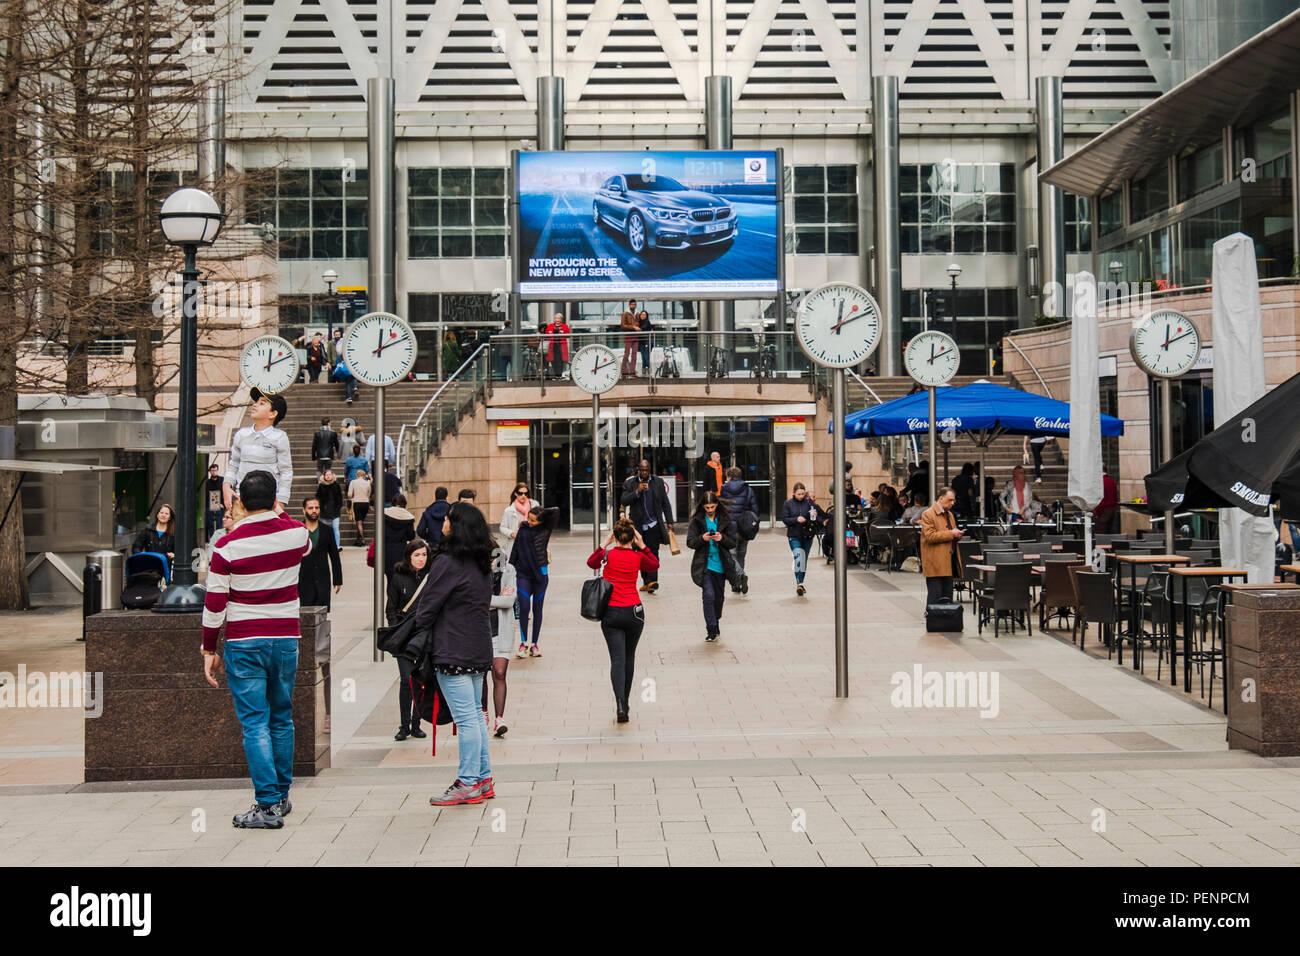 Clocks in London Docklands - Stock Image